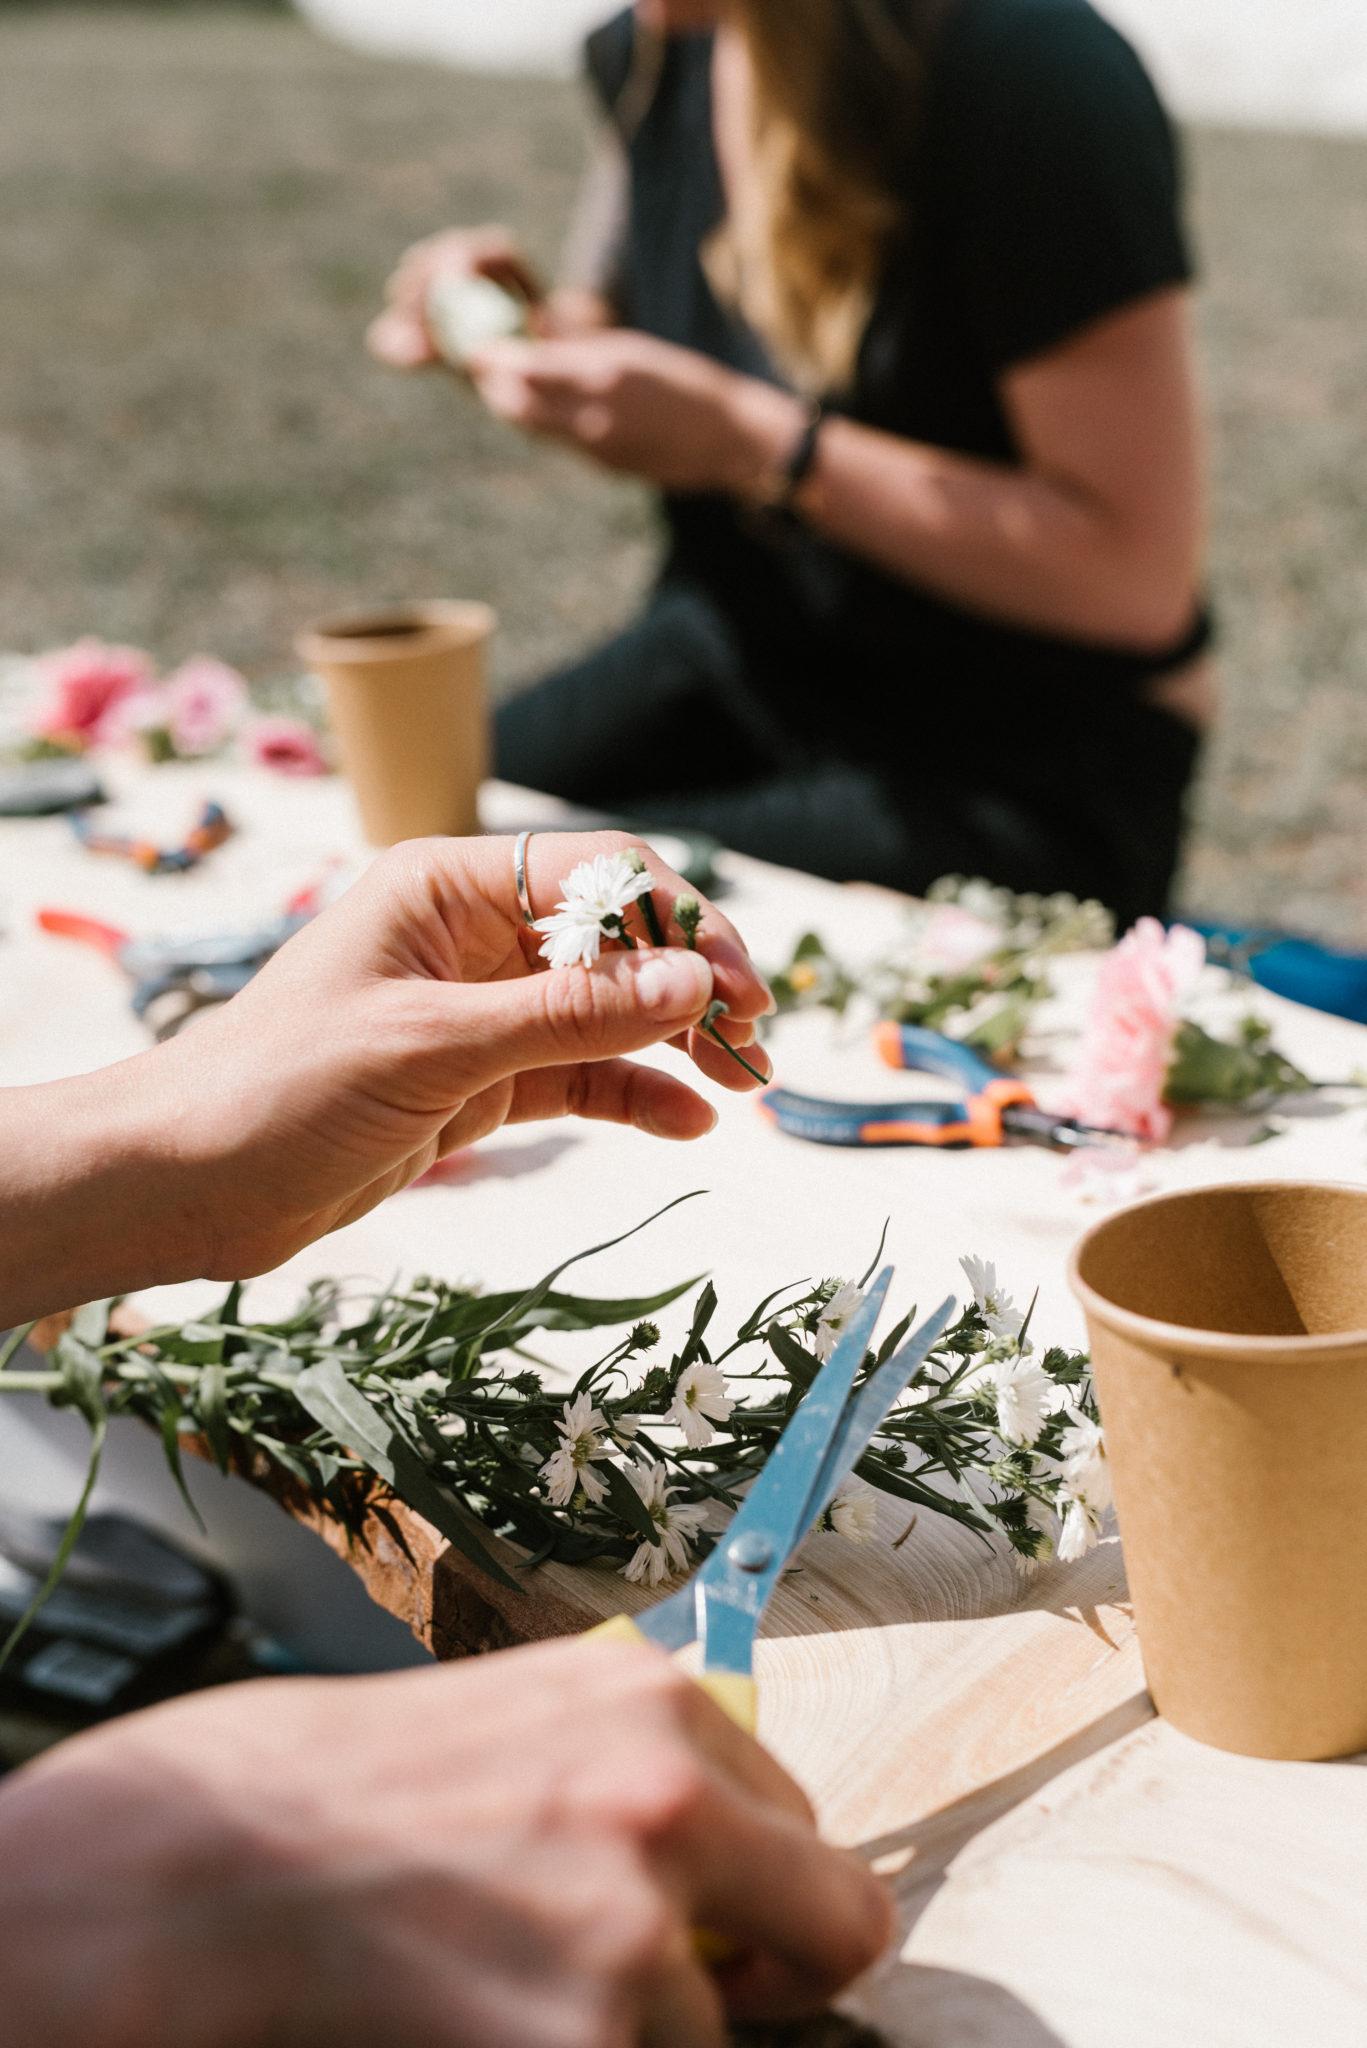 la-petite-planete-de-zoey-atelier-couronnes-de-fleurs-by-Justine-Briatte-20